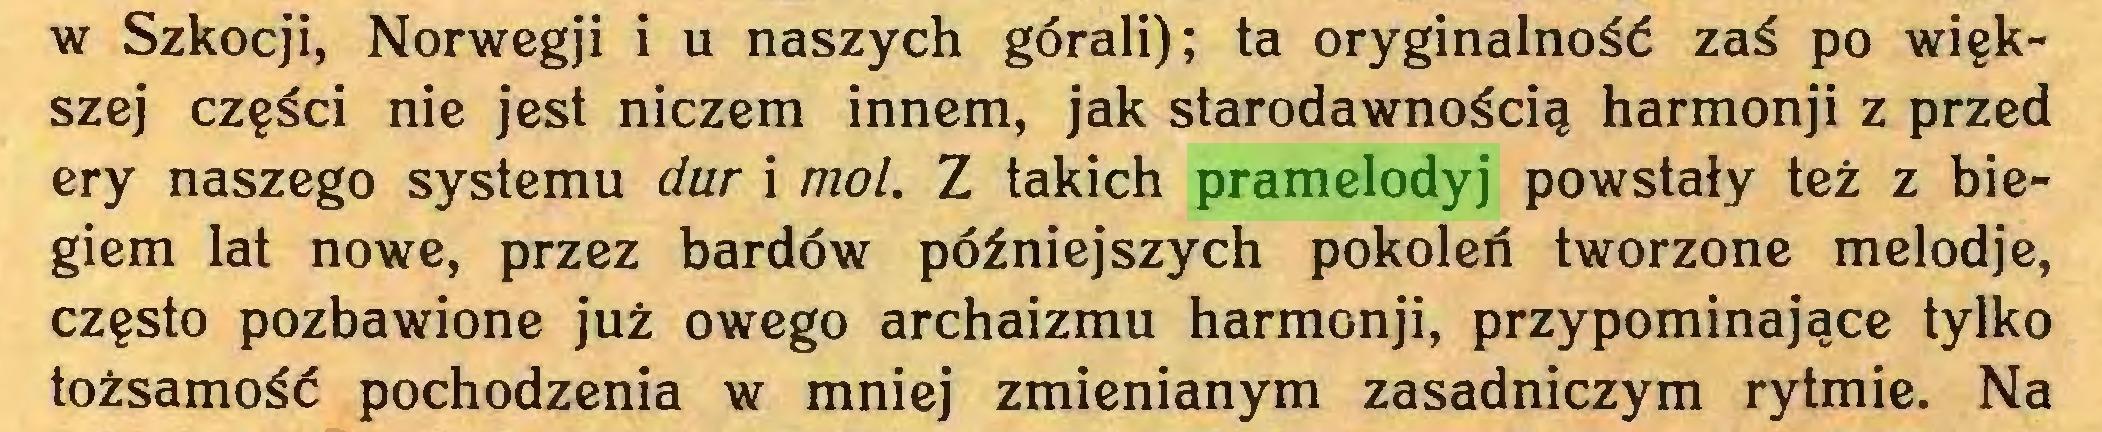 (...) w Szkocji, Norwegji i u naszych górali); ta oryginalność zaś po większej części nie jest niczem innem, jak starodawnością harmonji z przed ery naszego systemu dur i mol. Z takich pramelodyj powstały też z biegiem lat nowe, przez bardów późniejszych pokoleń tworzone melodje, często pozbawione już owego archaizmu harmonji, przypominające tylko tożsamość pochodzenia w mniej zmienianym zasadniczym rytmie. Na...